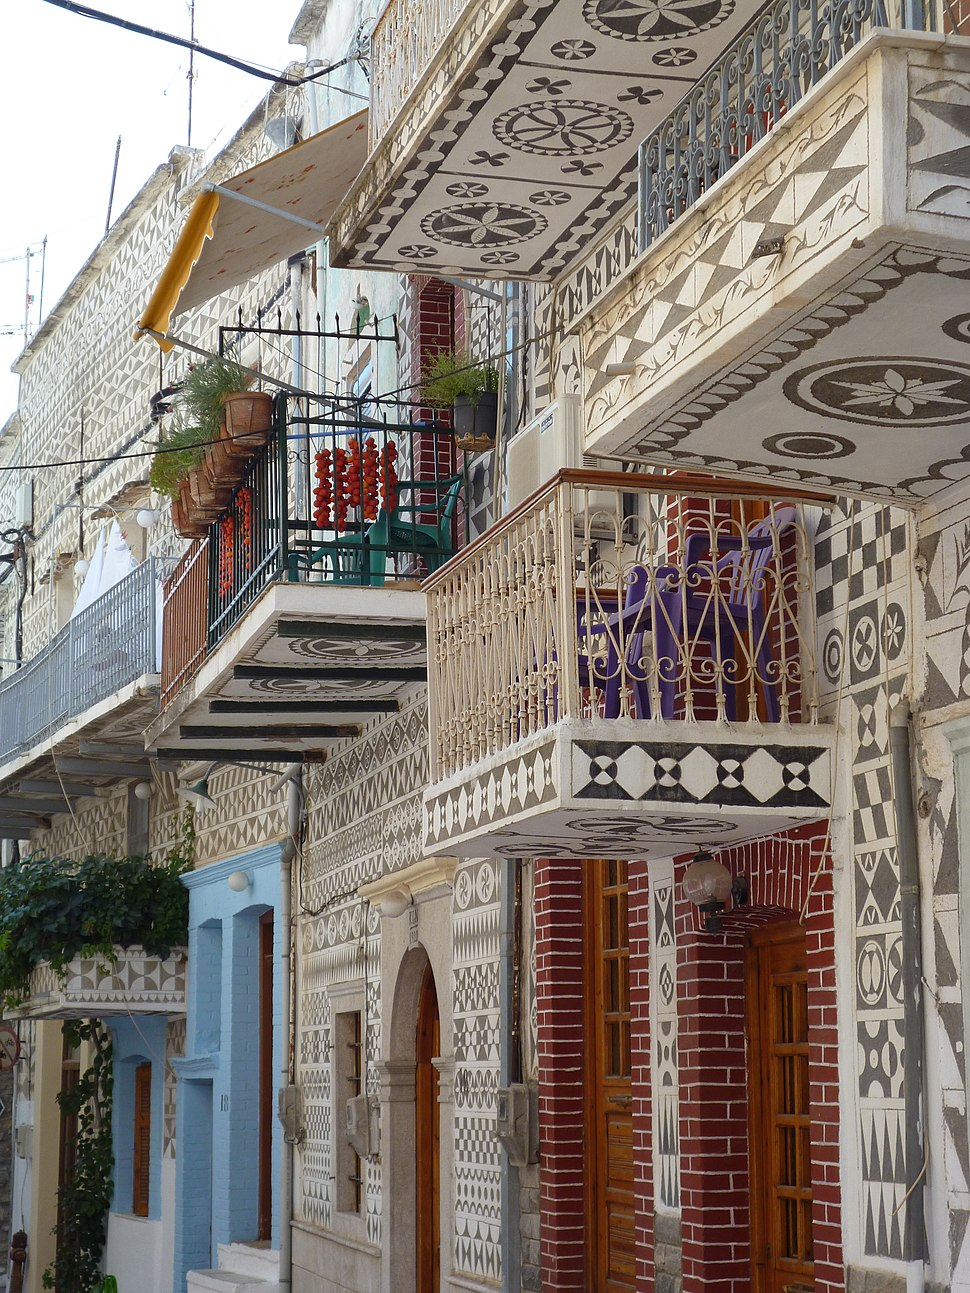 Ξυστά σε οίκημα - Πυργί, Χίος 2